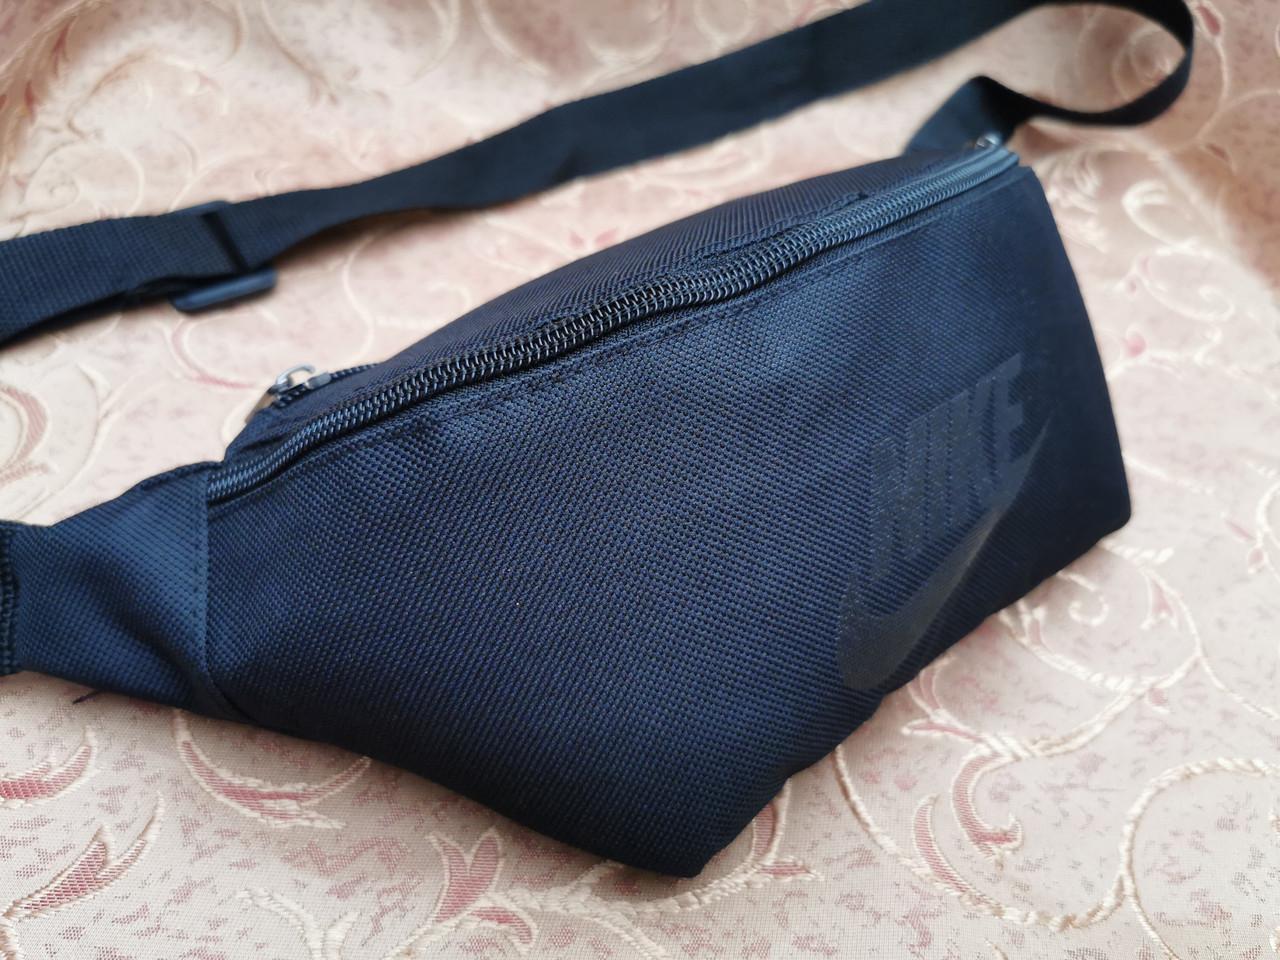 Сумка на пояс NIKE 600D/Спортивные барсетки сумка женский и мужские пояс Бананка оптом